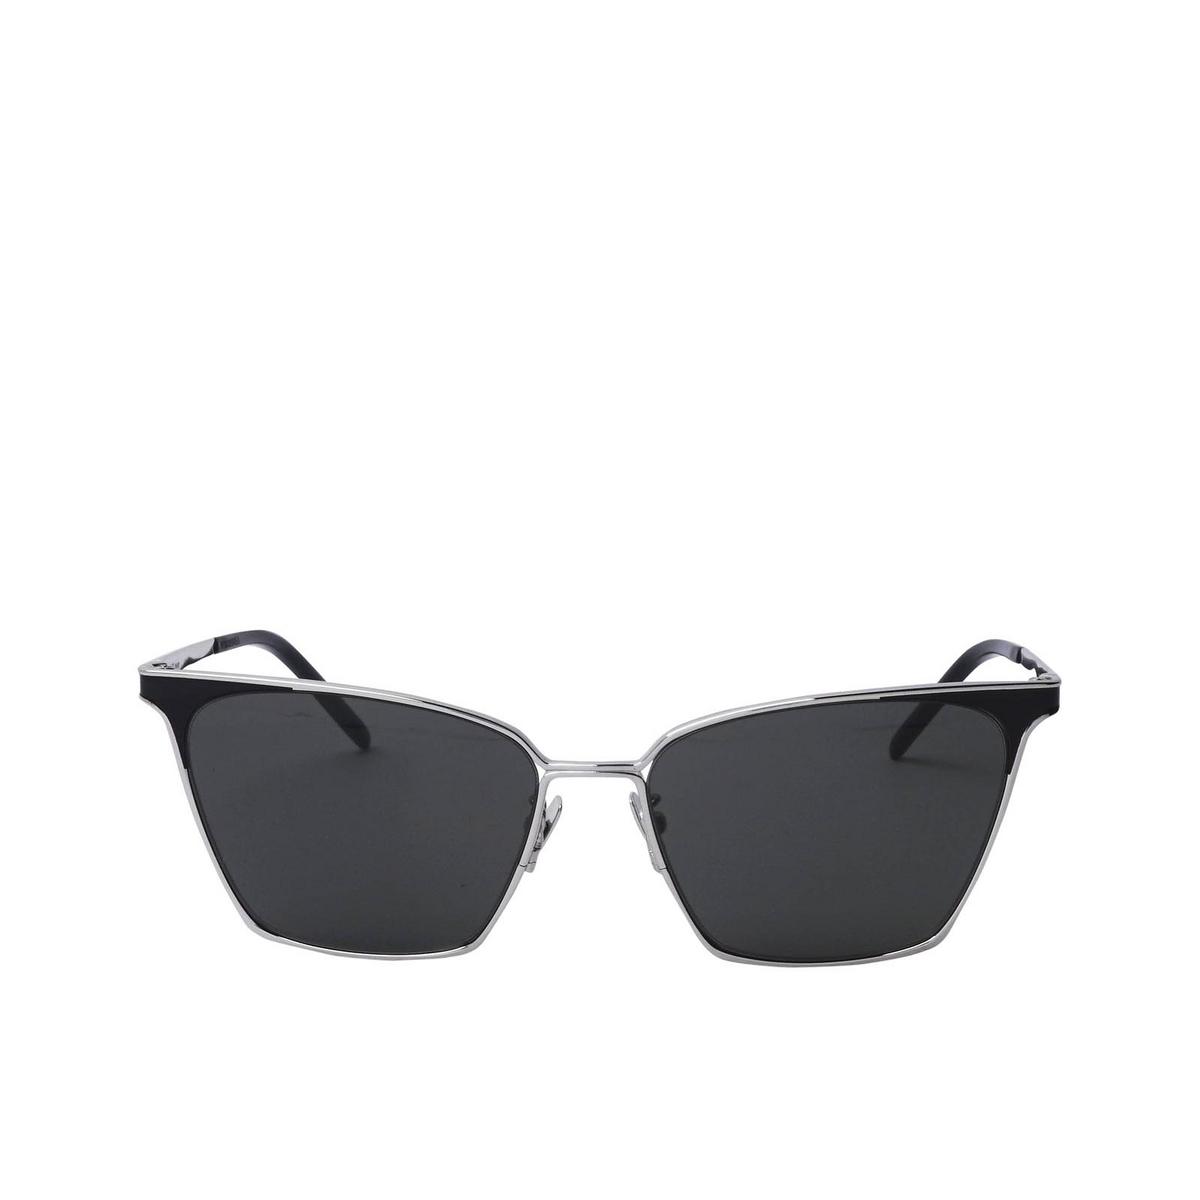 Saint Laurent® Square Sunglasses: SL 429 color Silver 001 - 1/2.